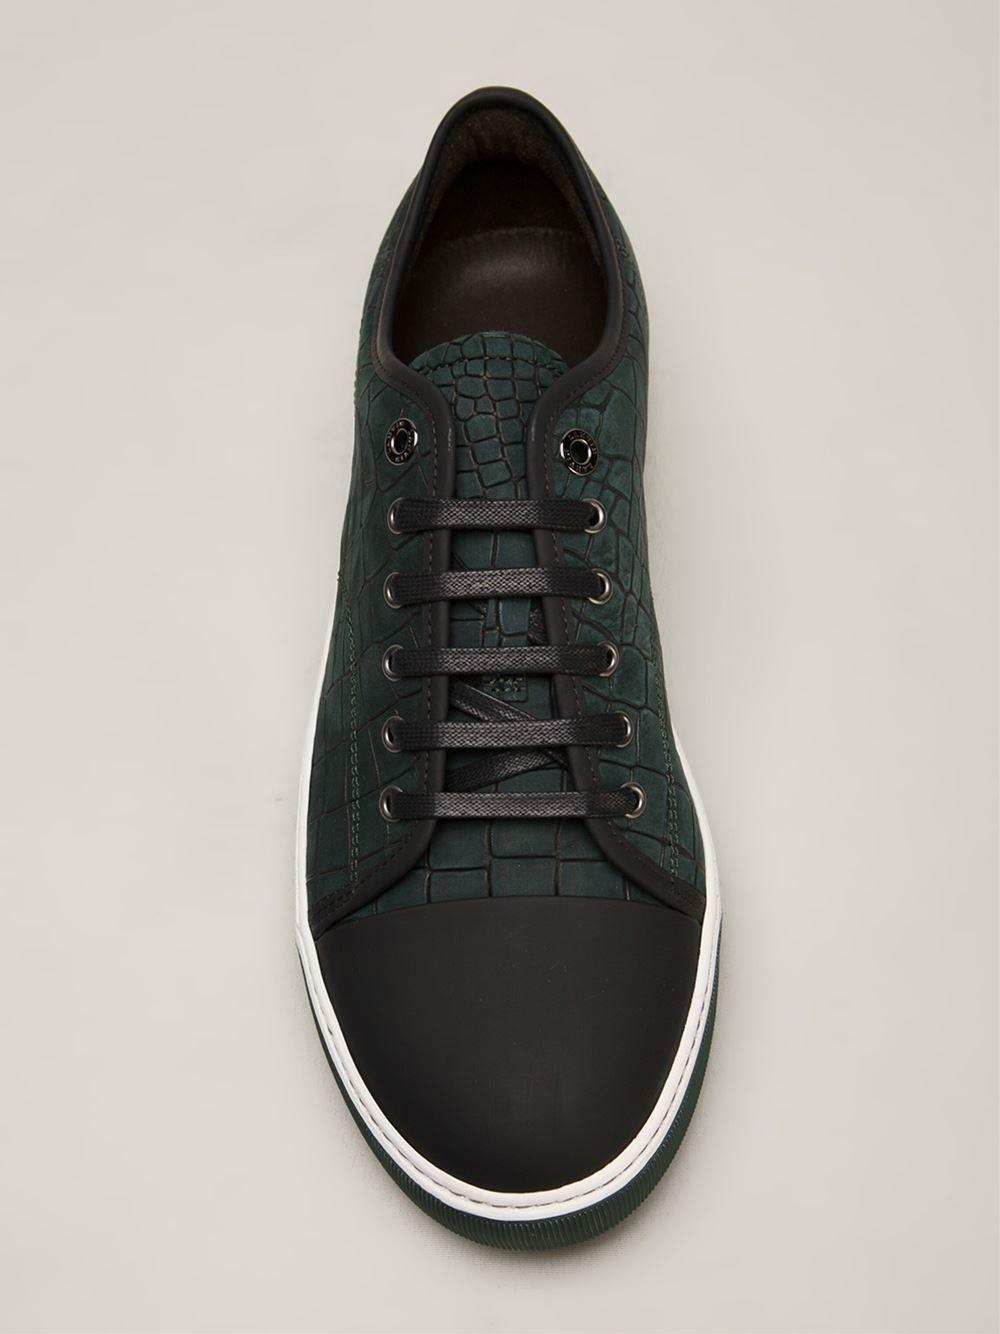 embossed slip-on sneakers - White Lanvin 8dahi